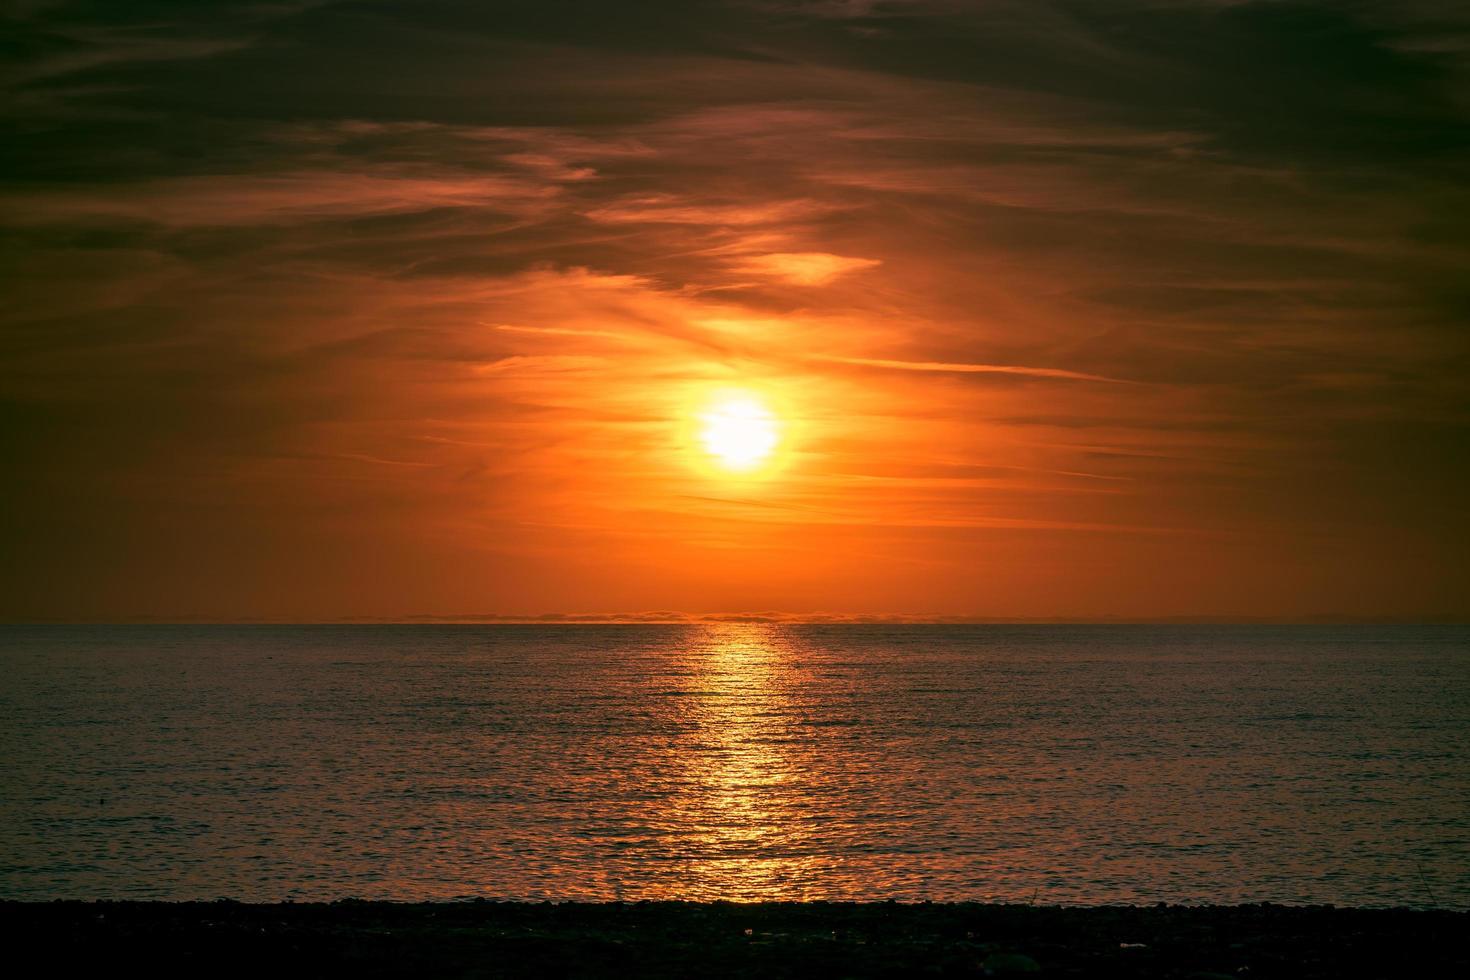 marinmålning med en vacker solnedgång över vattnet. foto